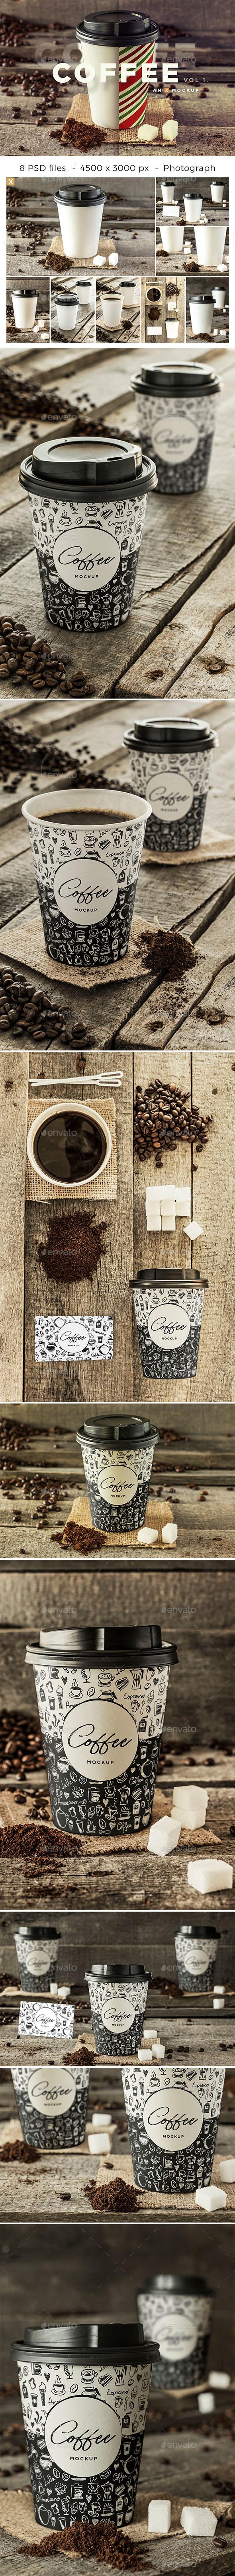 Coffee Branding Mockup - Vol 1. - Food and Drink Packaging